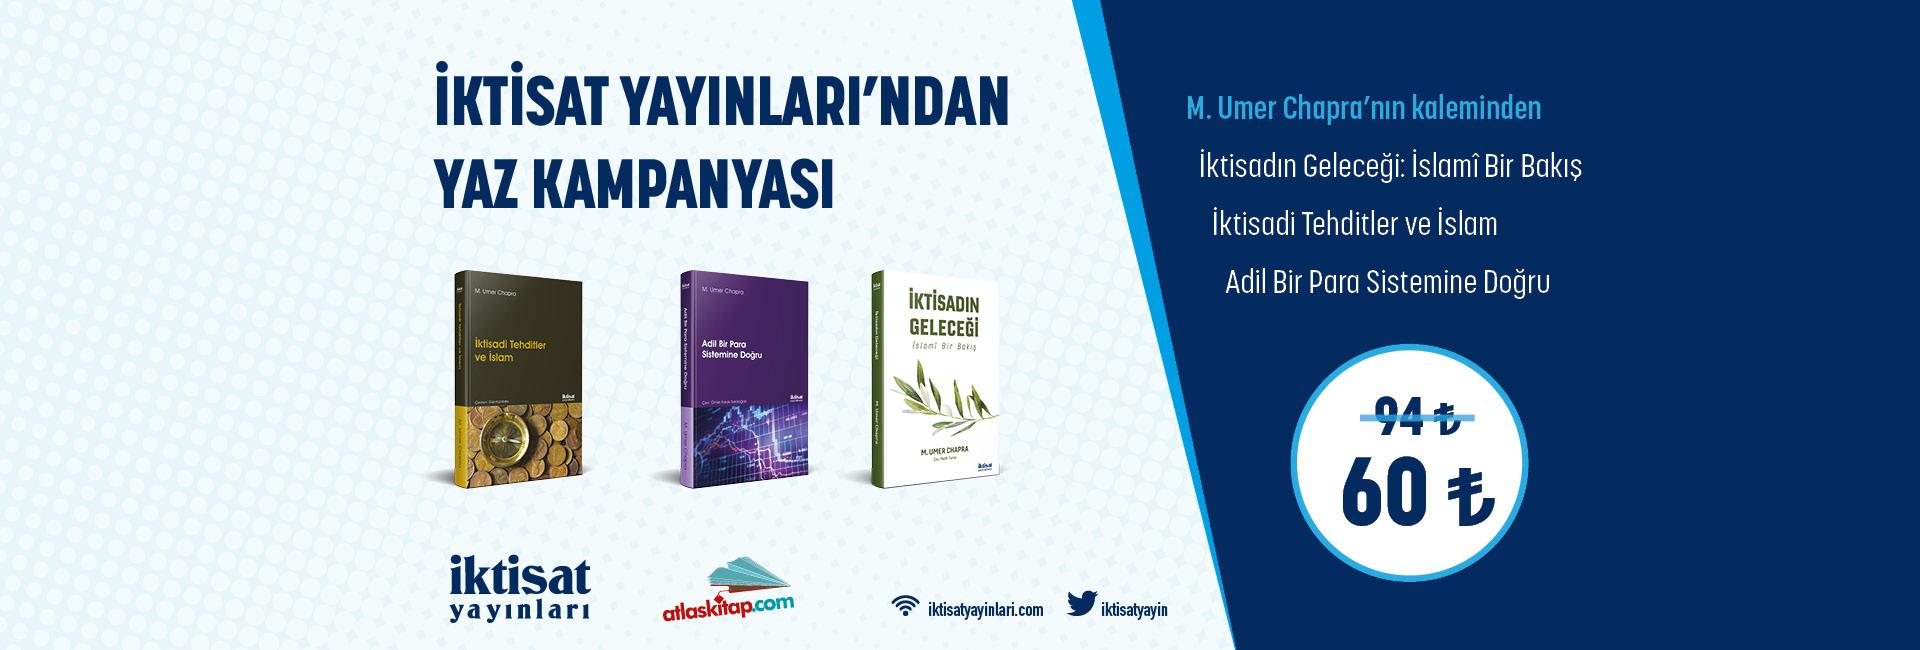 http://iktisatyayinlari.com/content/1-home/iiayazkampanyasi_web.jpg